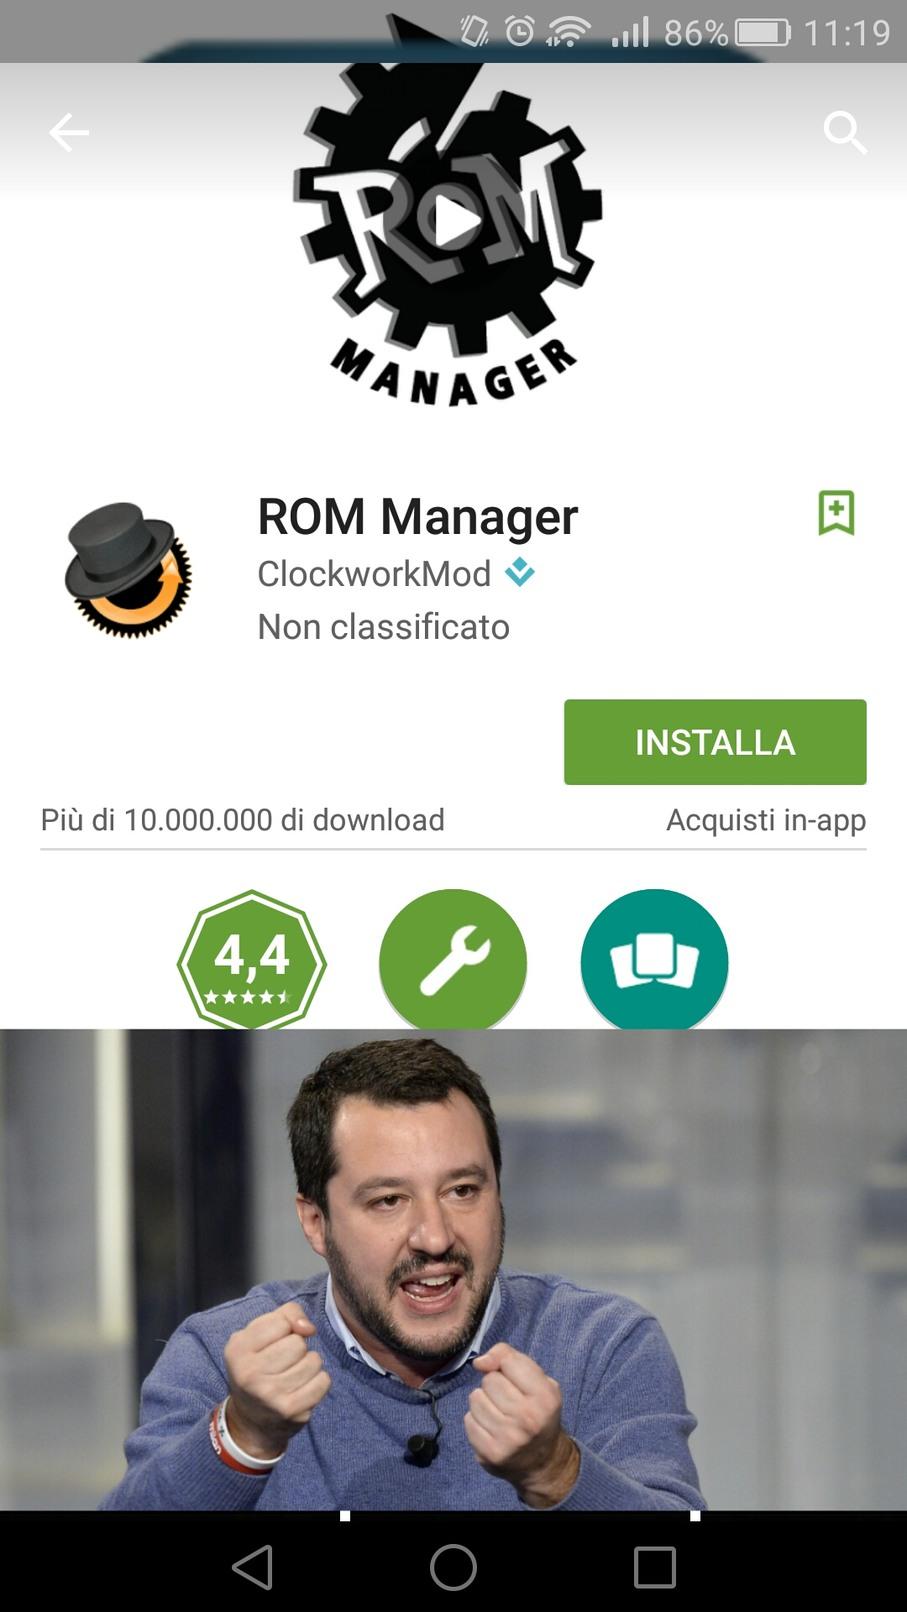 Rom manager - meme